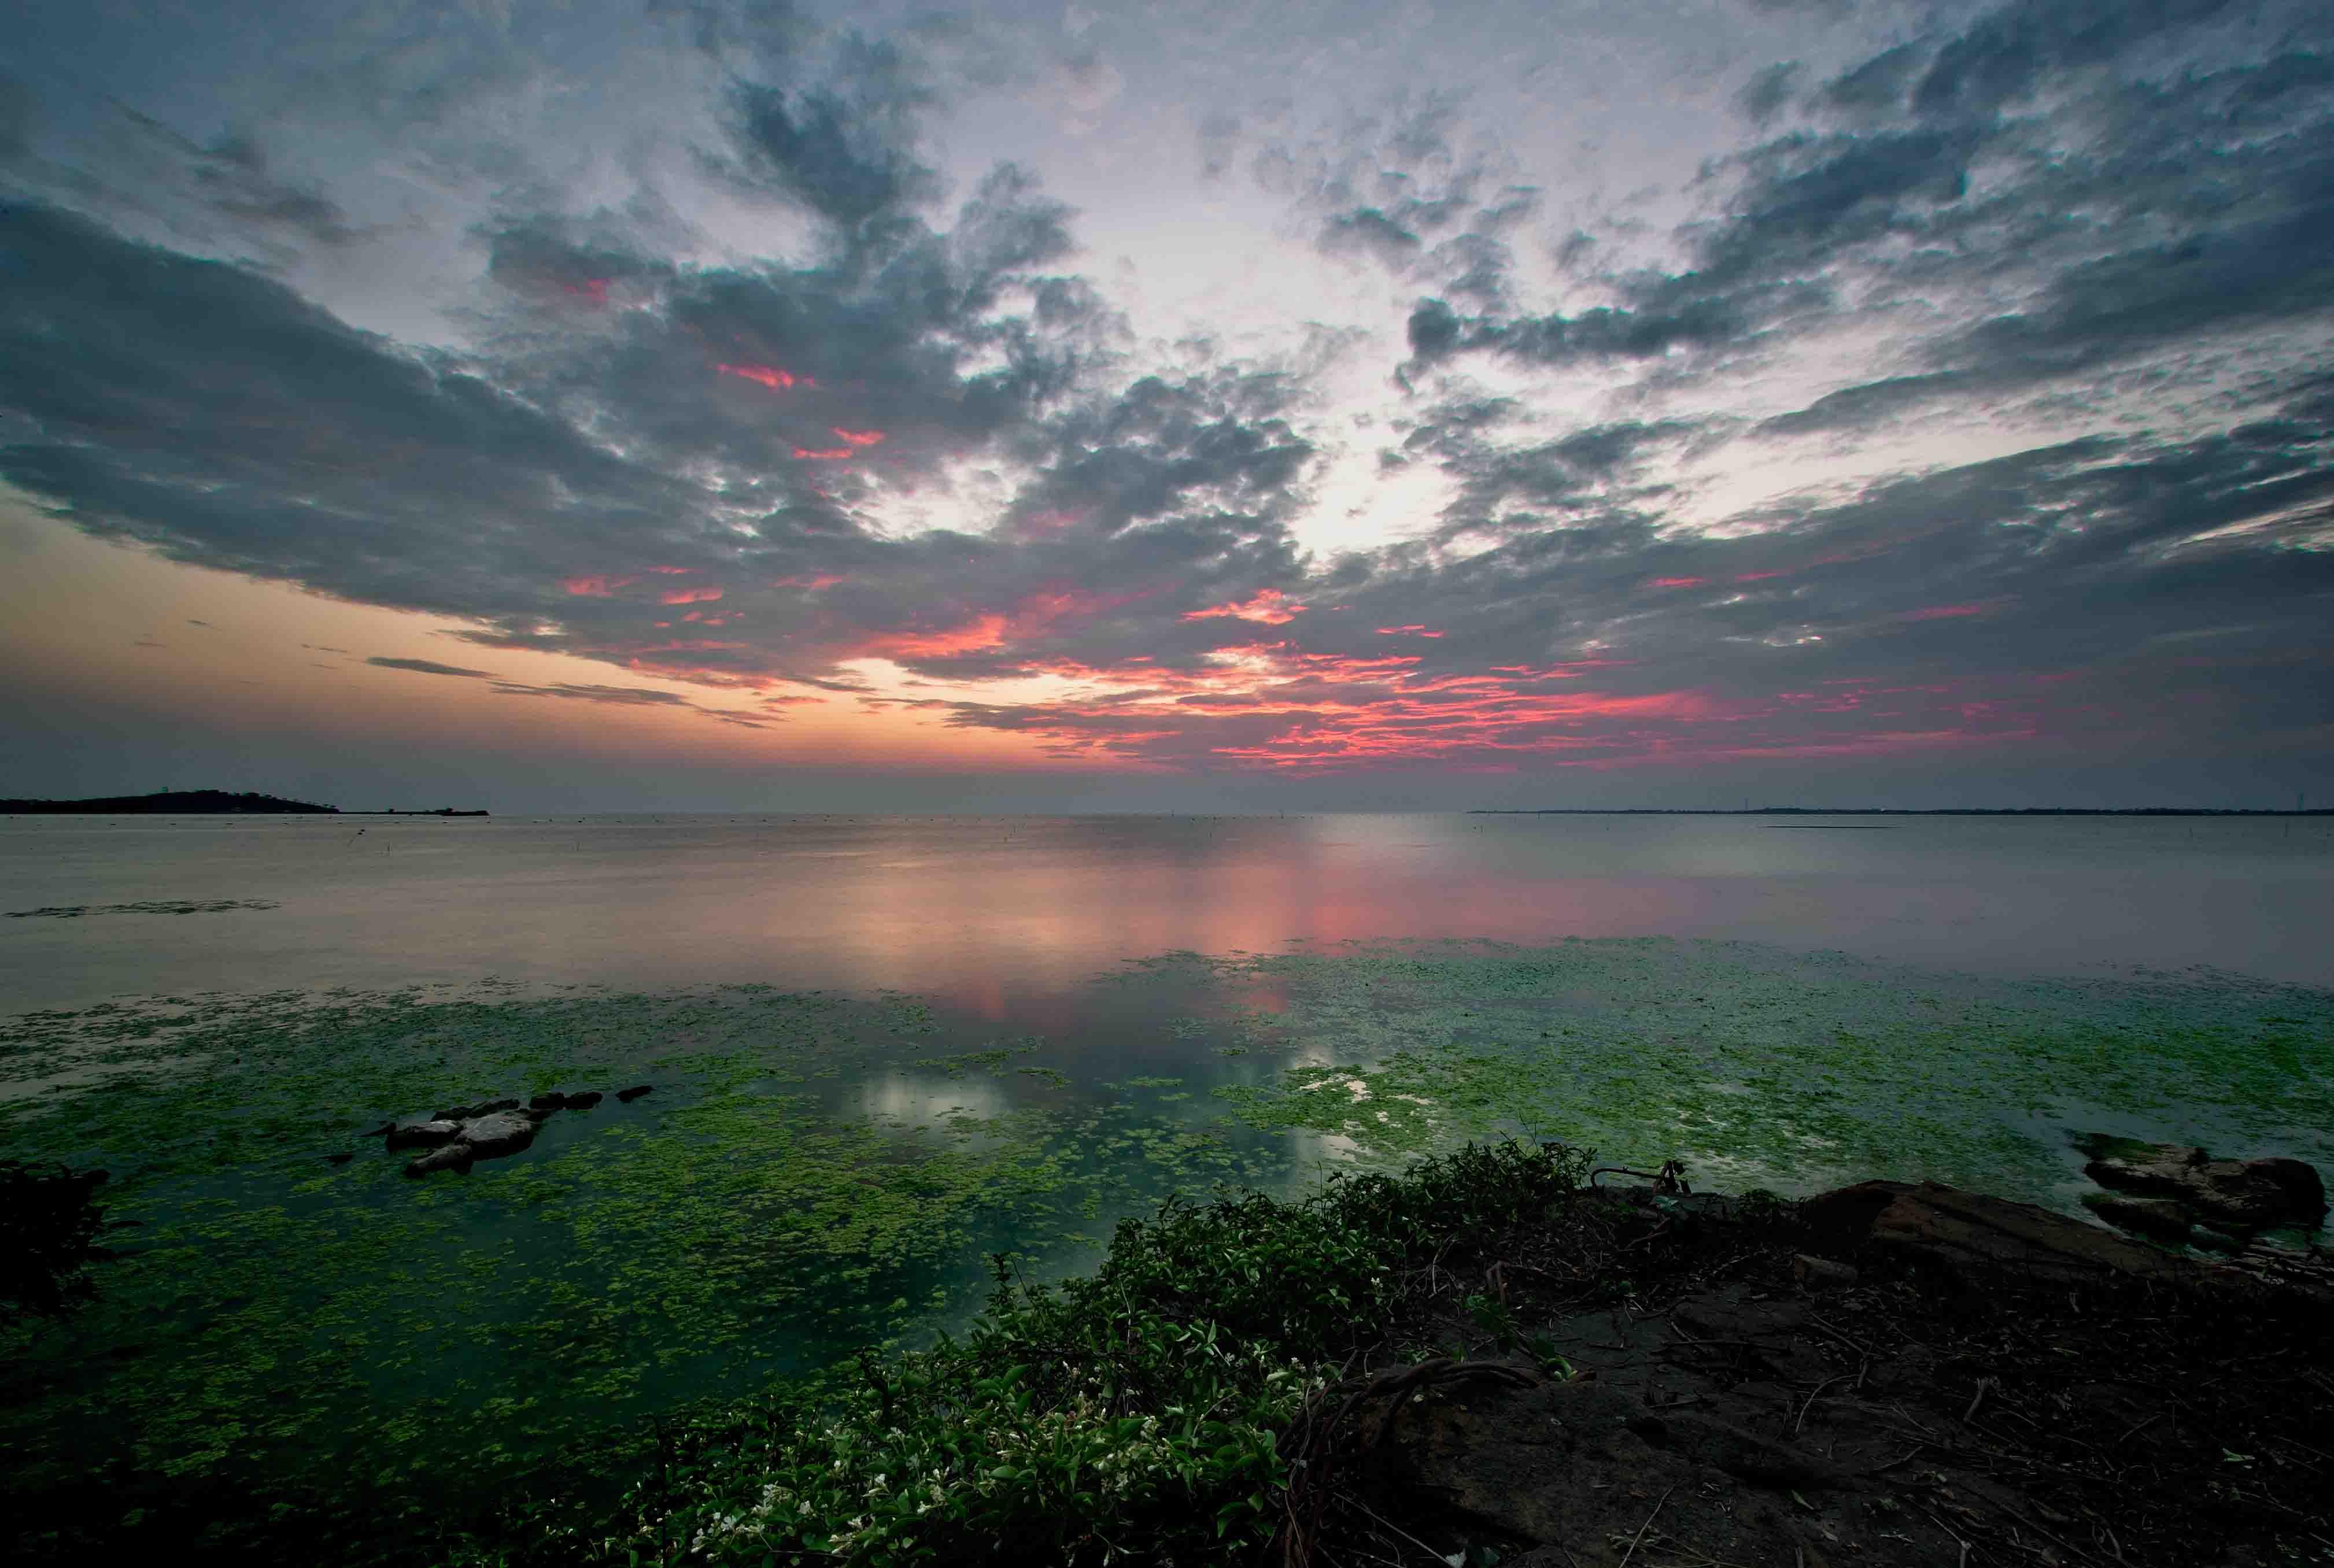 苏州太湖唯美日出风景图片